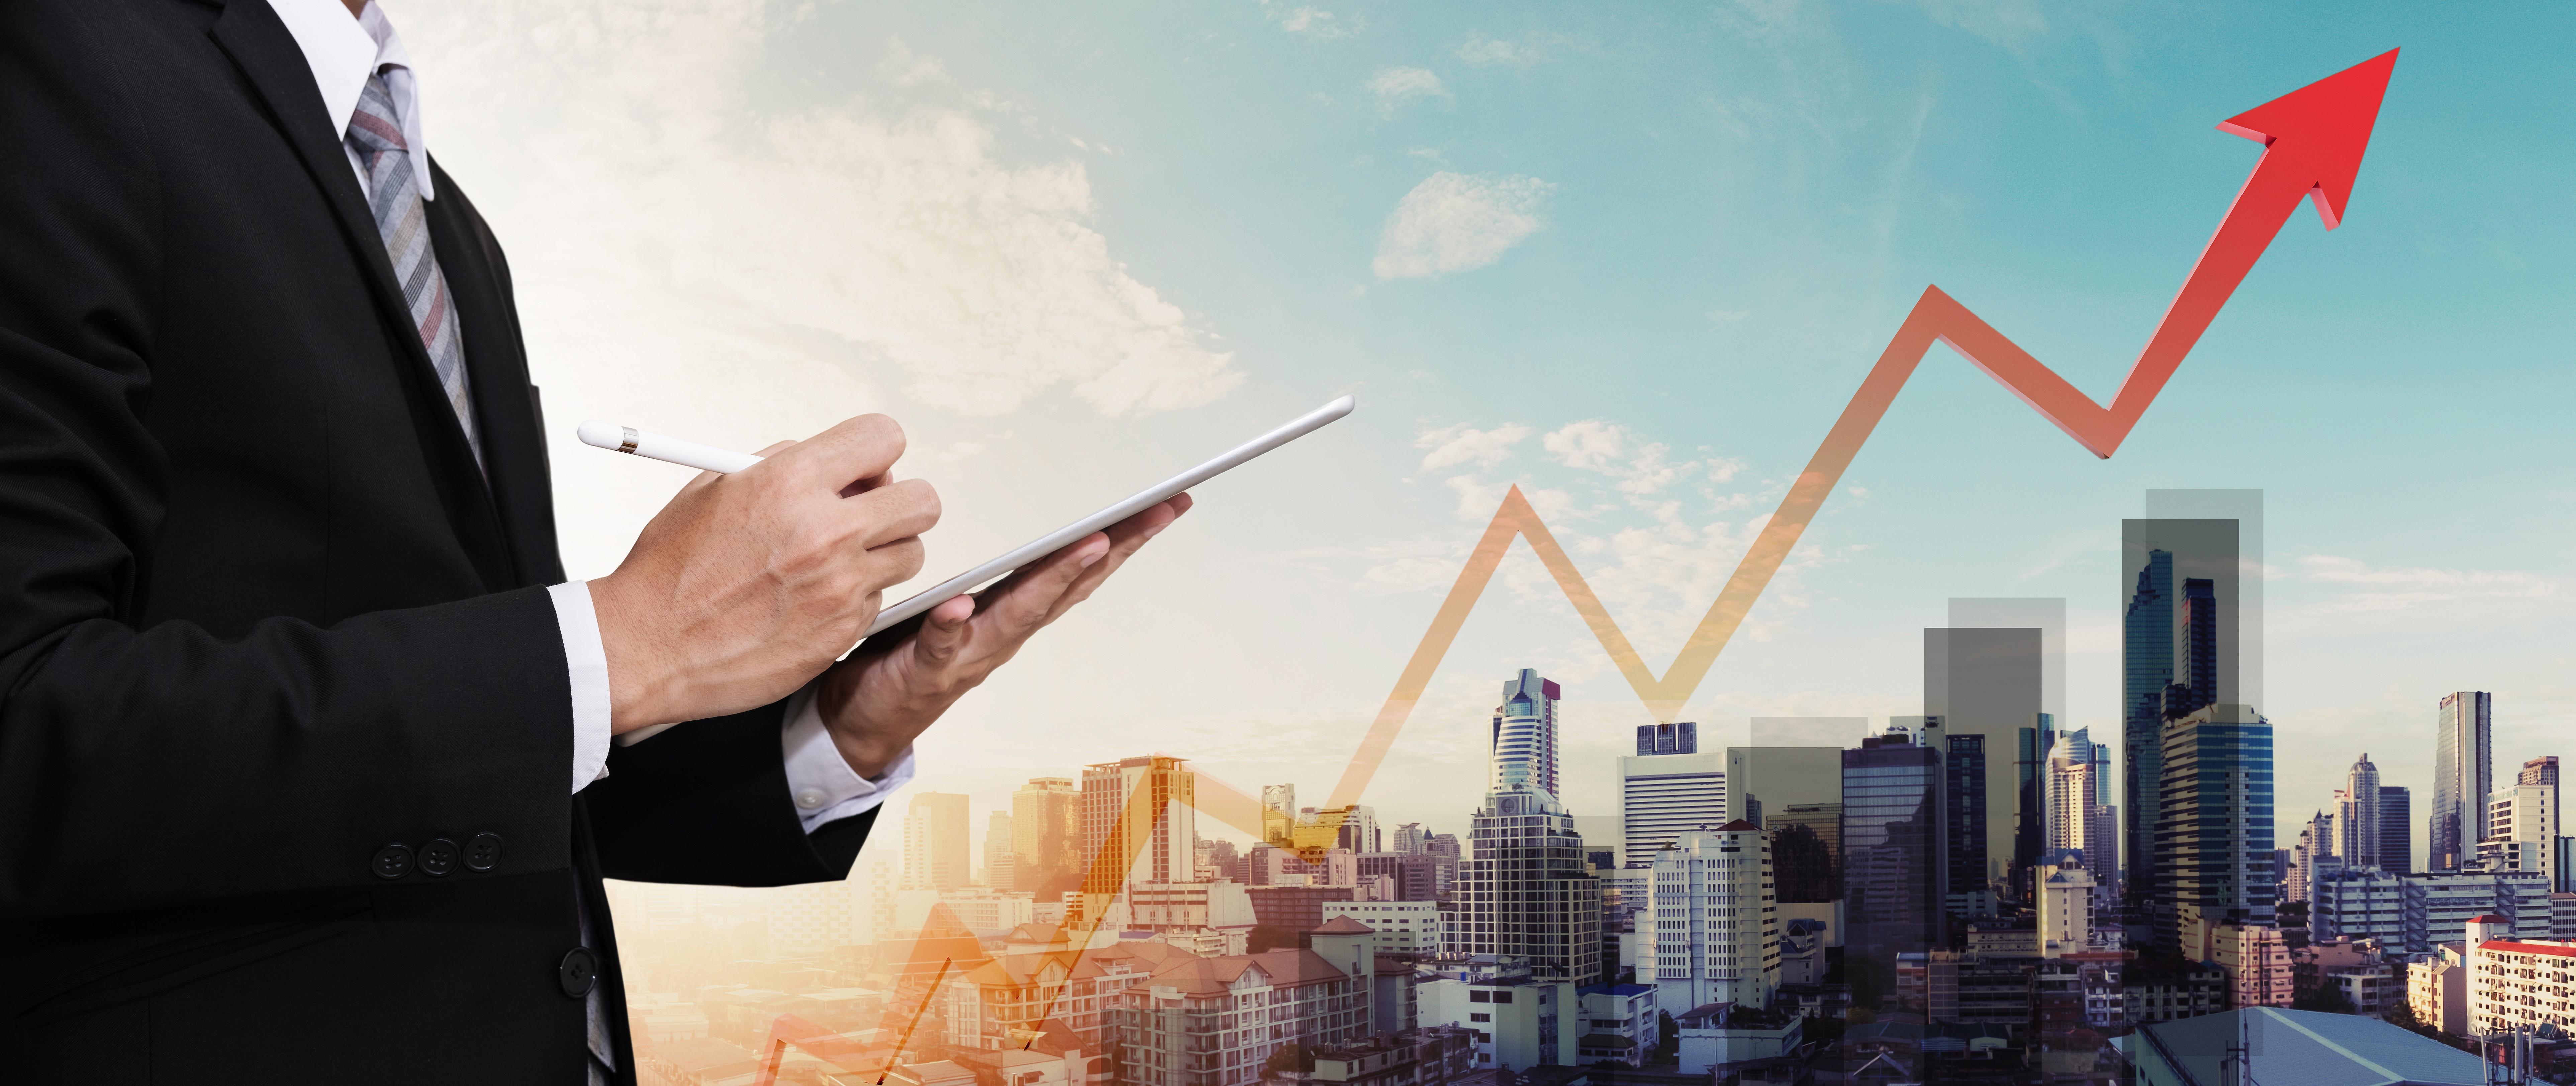 Investor Portfolio Management